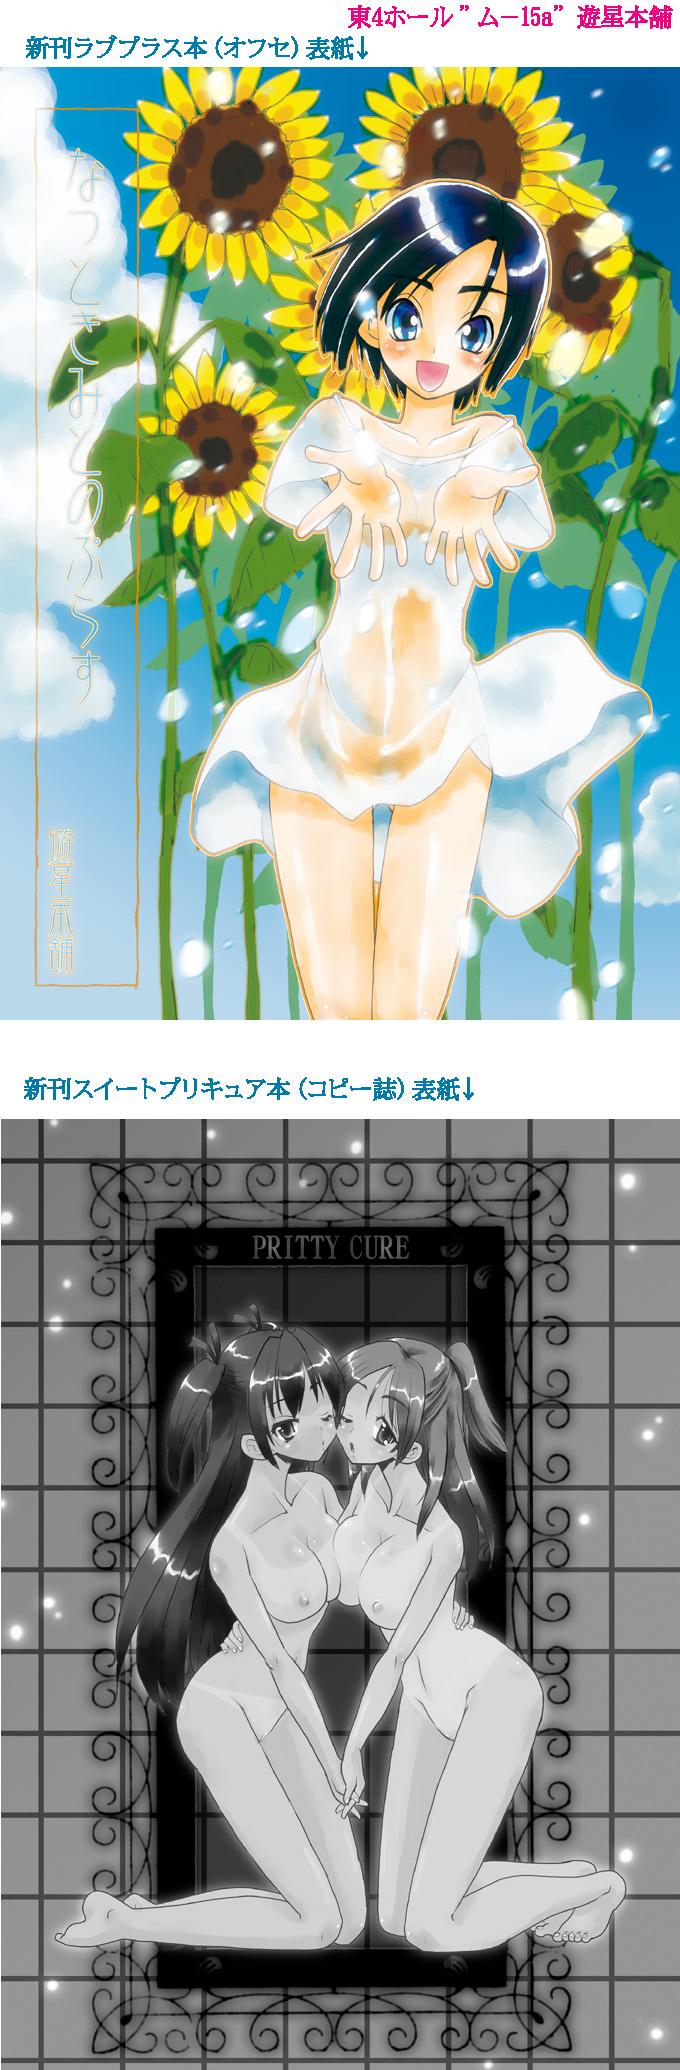 新刊案内02